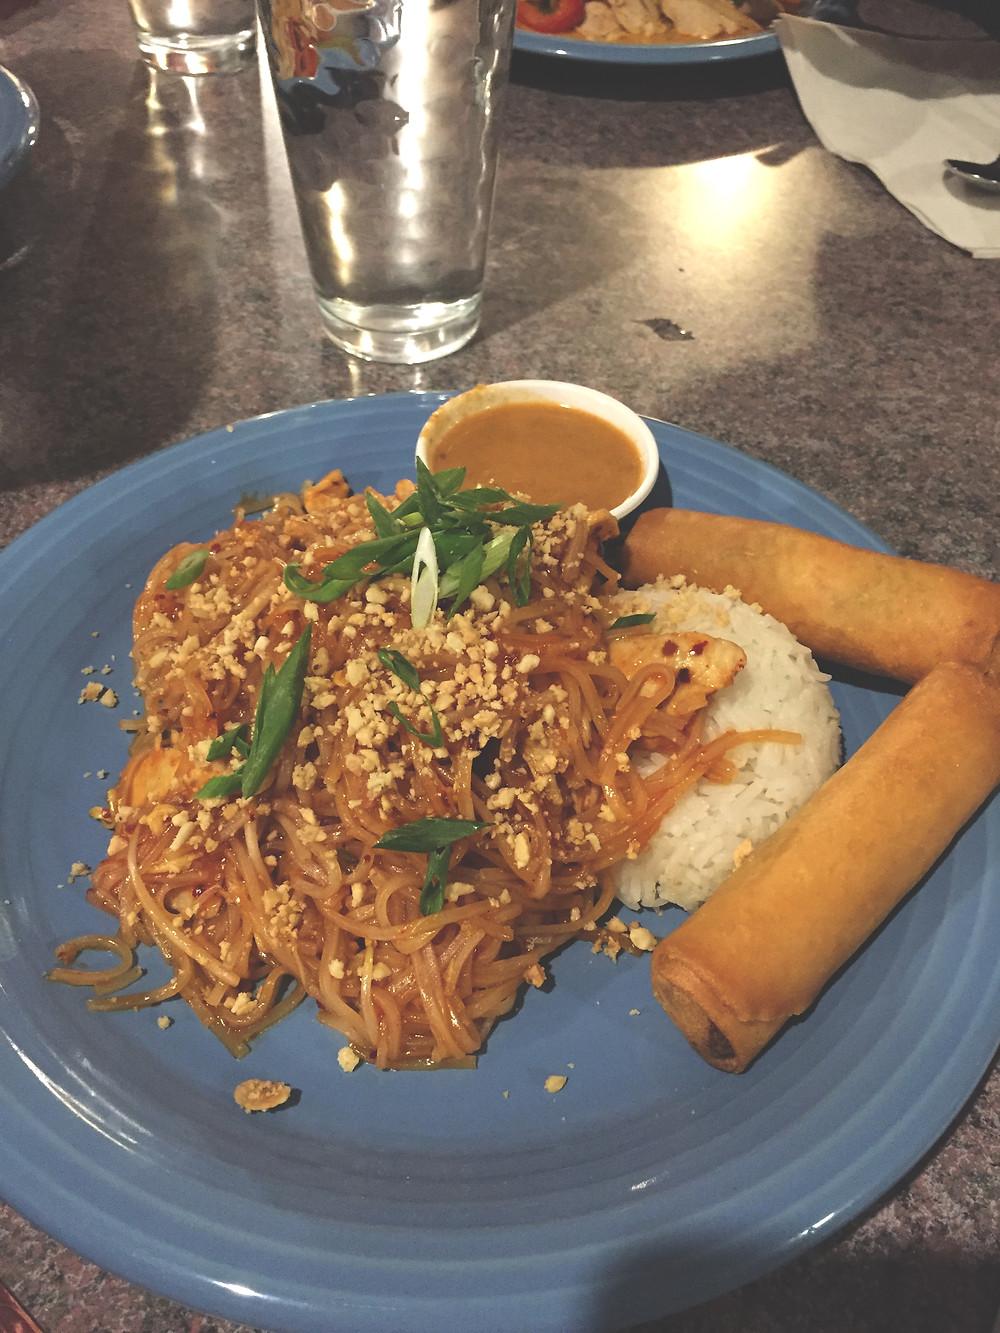 Pad Thai at Thida's Thai Restaurant